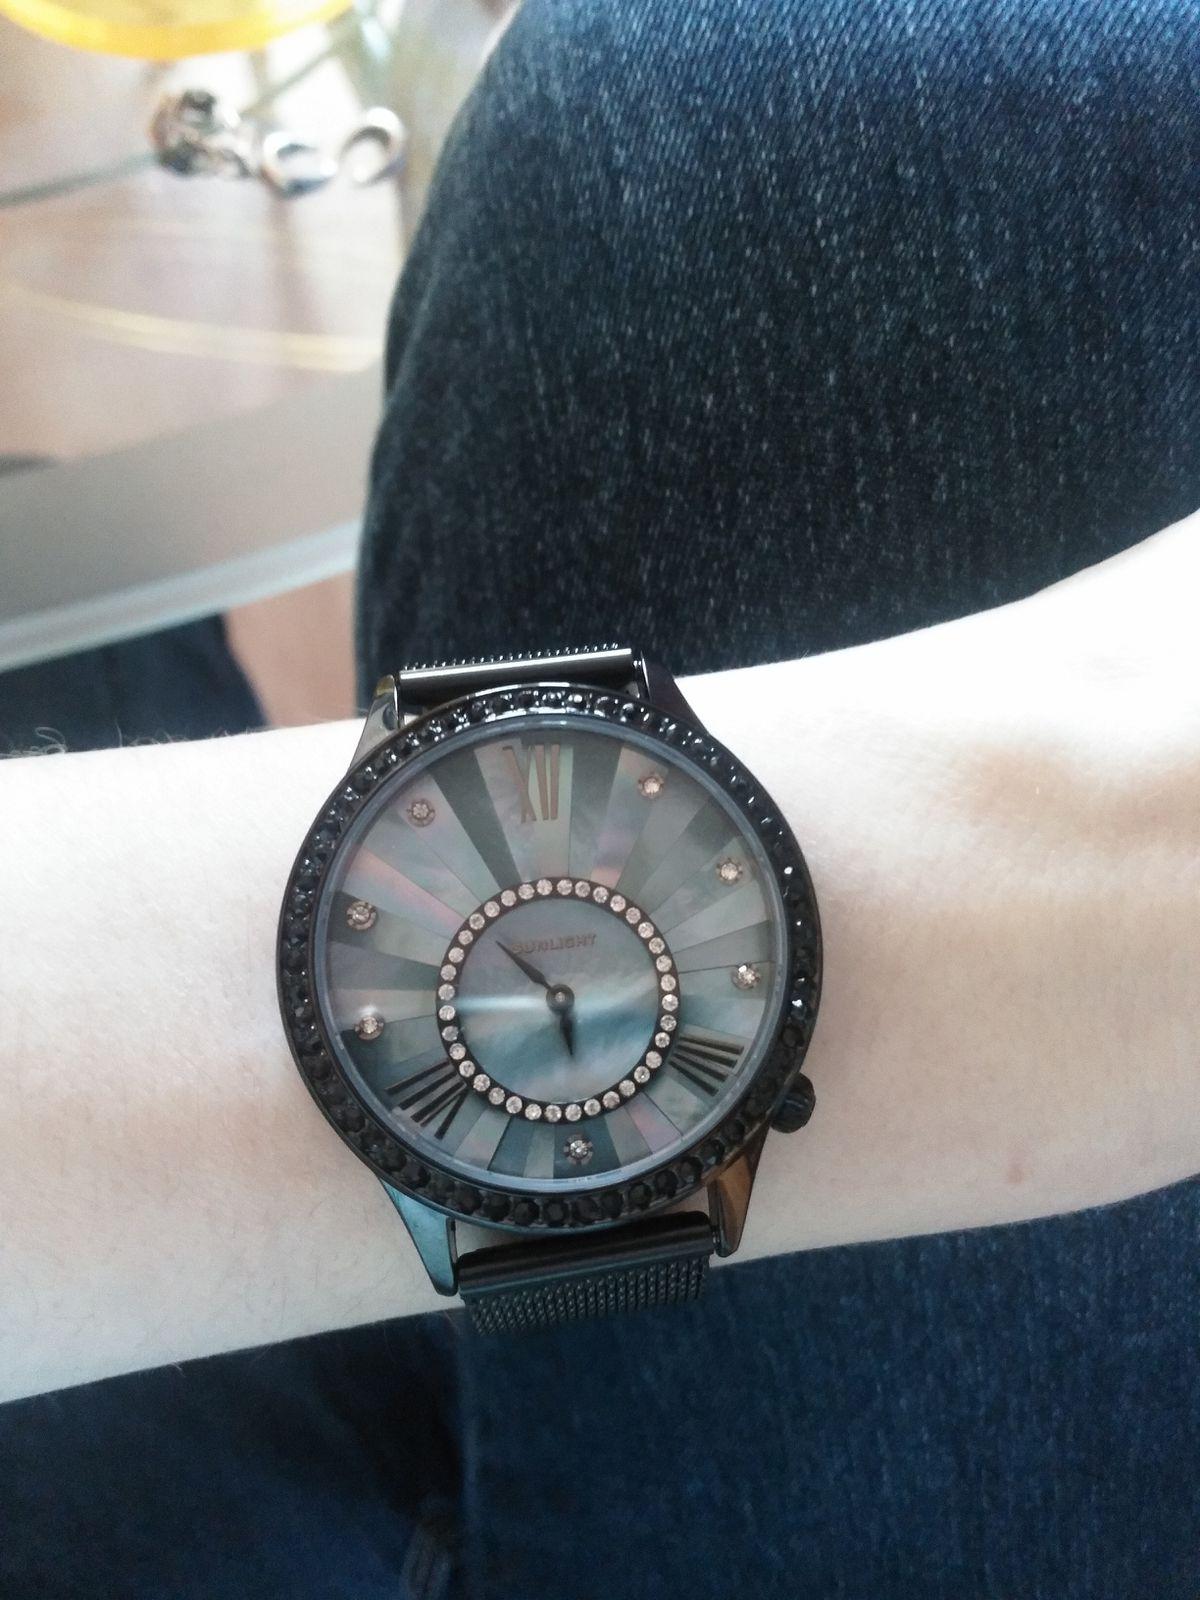 Ооочень красивые часы!